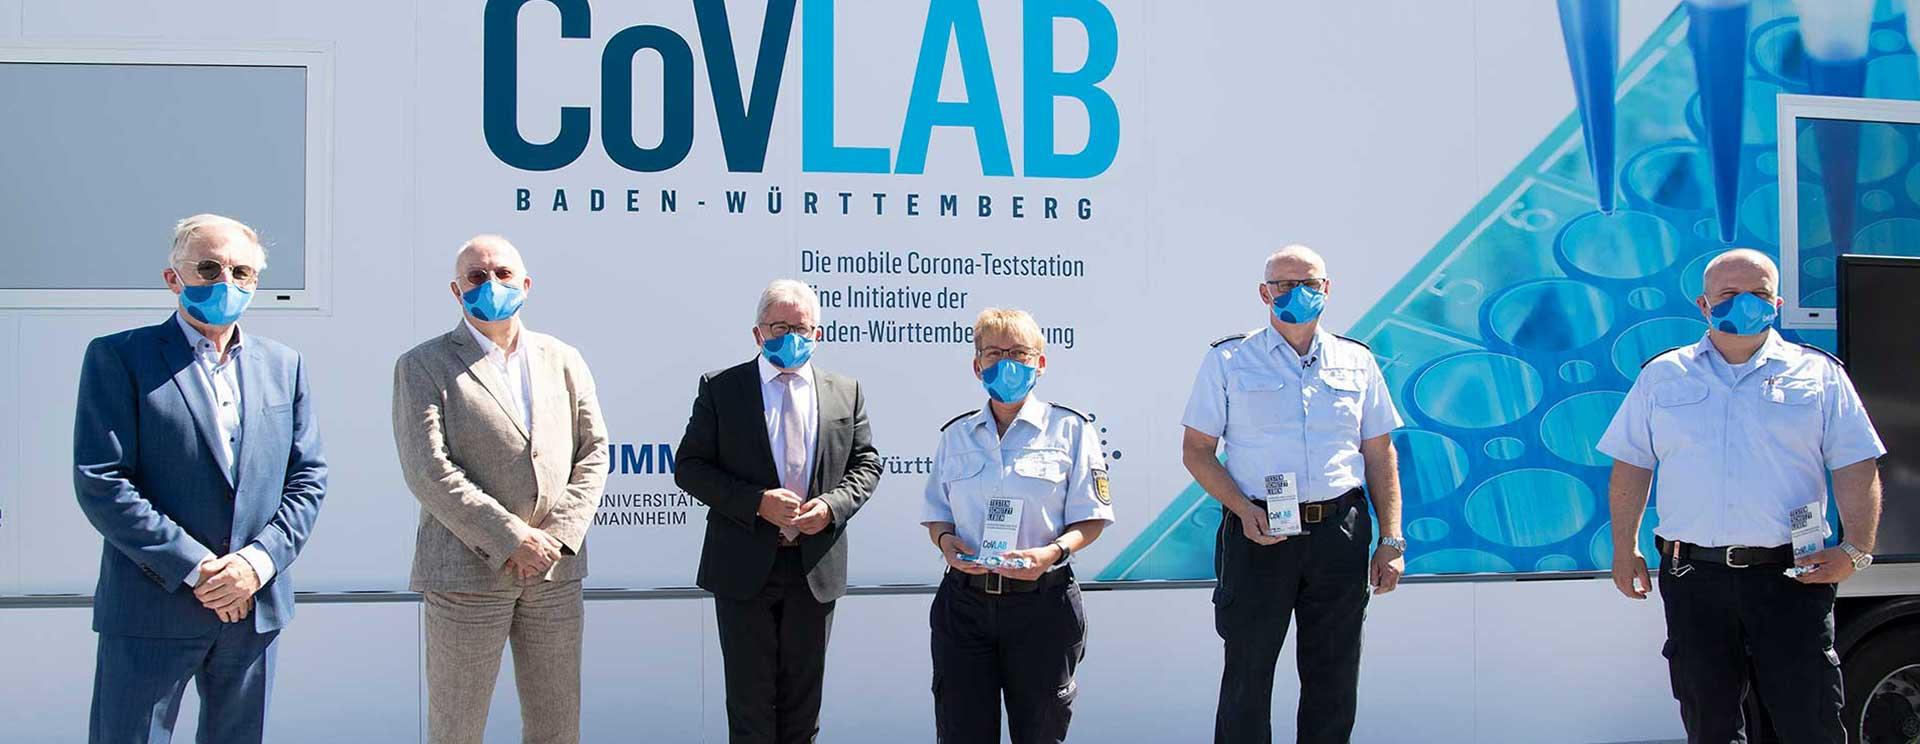 CoVLAB Baden-Württemberg – Das mobile COVID-19-Testlabor. Eine Initiative der Baden-Württemberg Stiftung wird der Öffentlichkeit vorgestellt